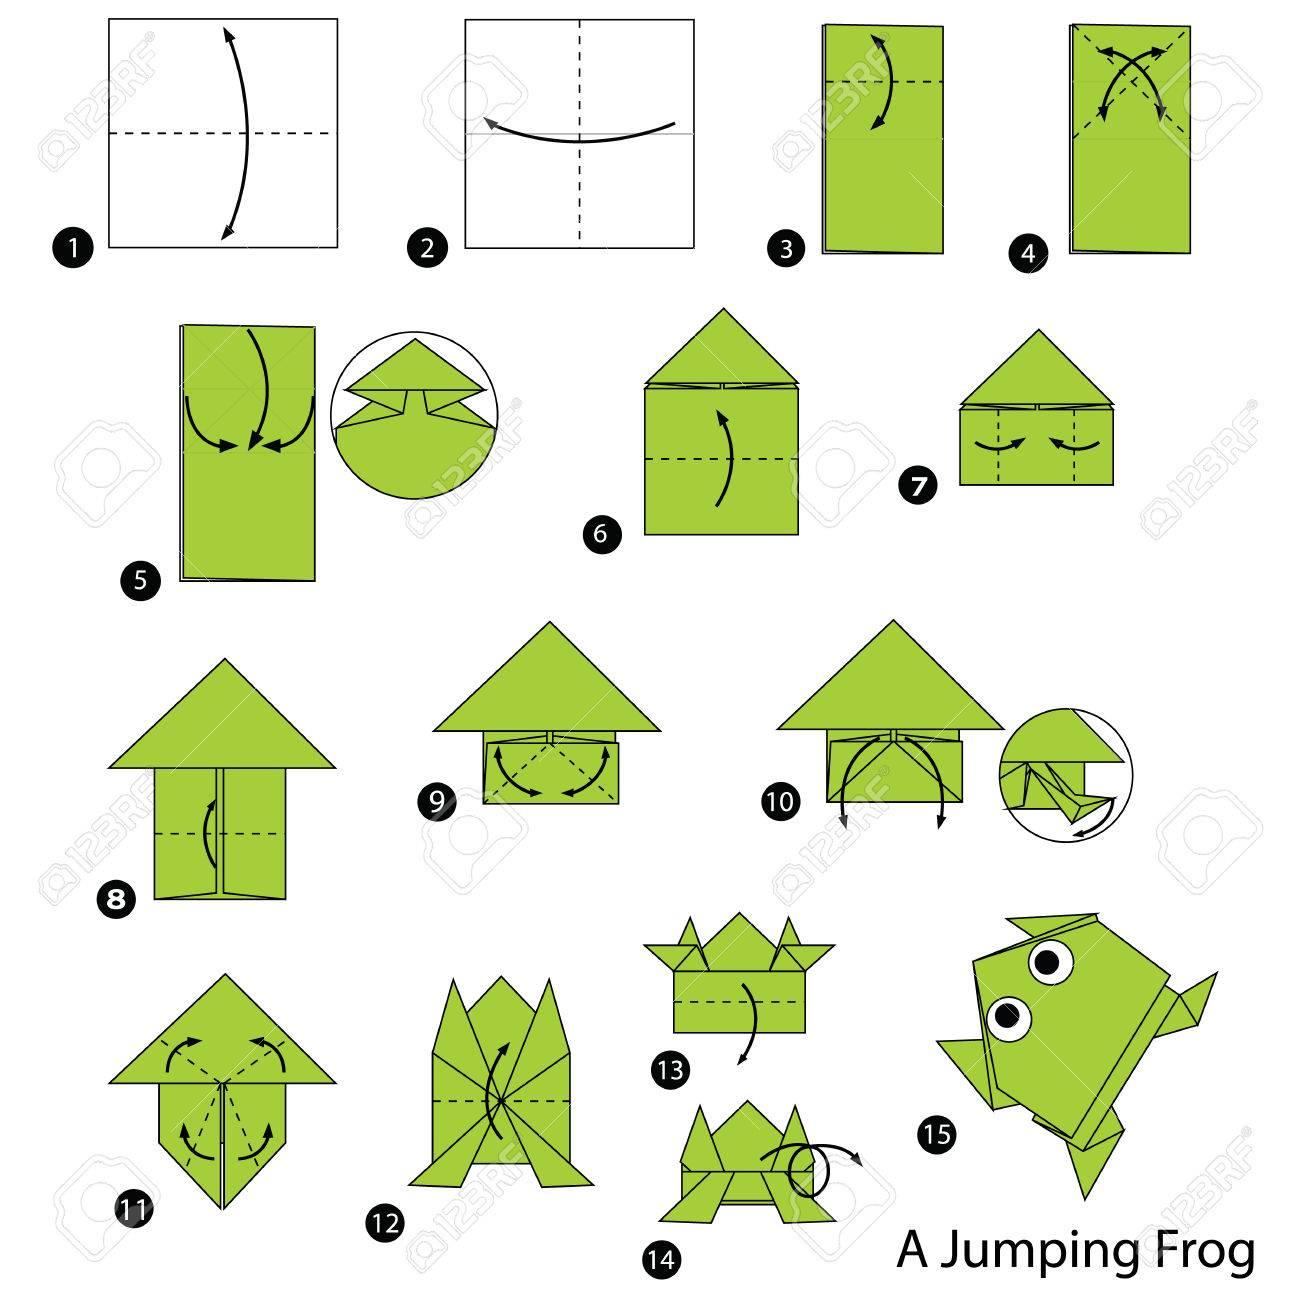 Origami frog steps